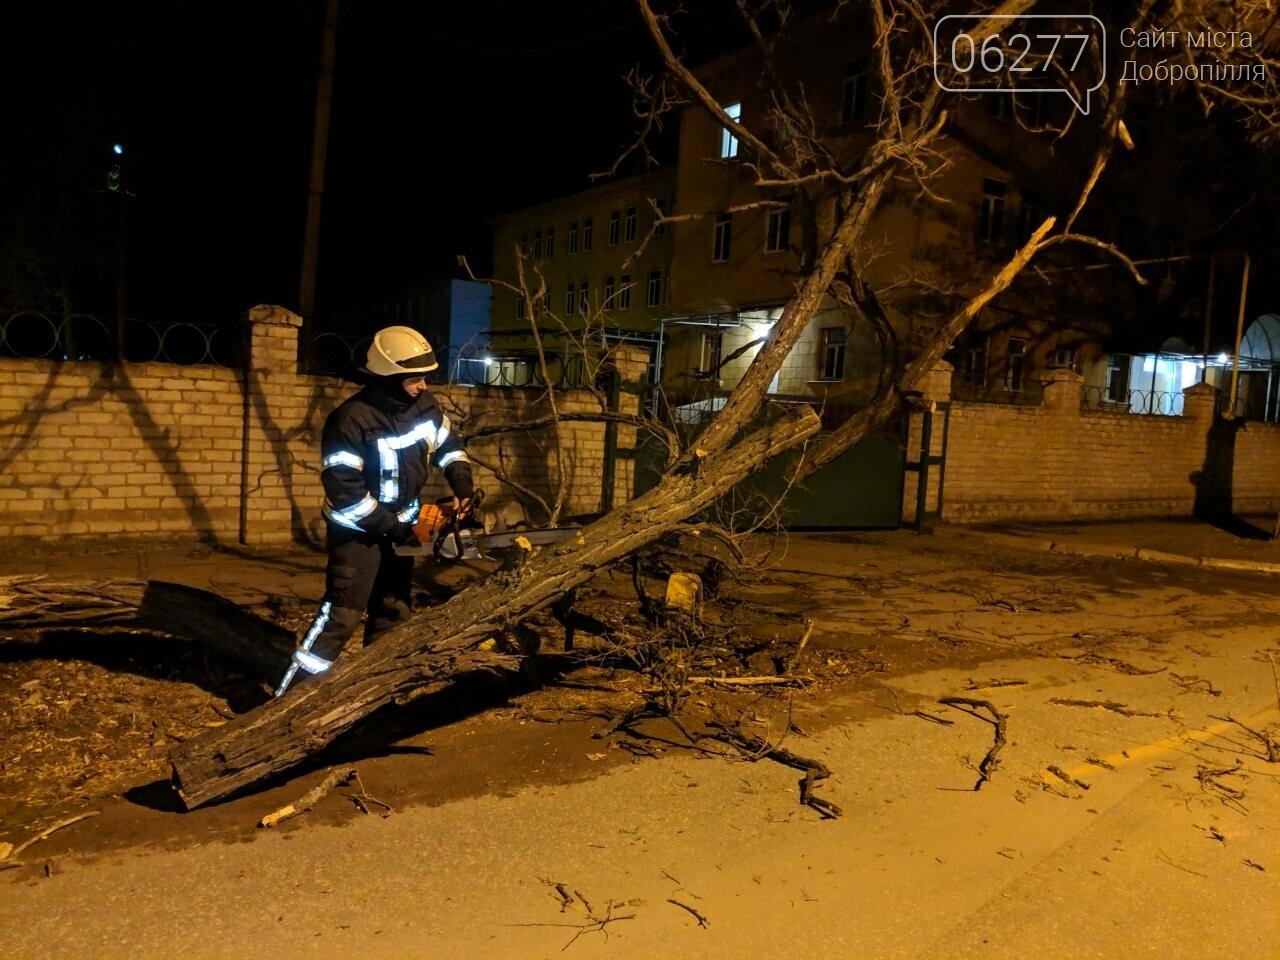 Наслідки штормовогу вітру: у Добропіллі впало дерево на проїжджу частину, фото-1